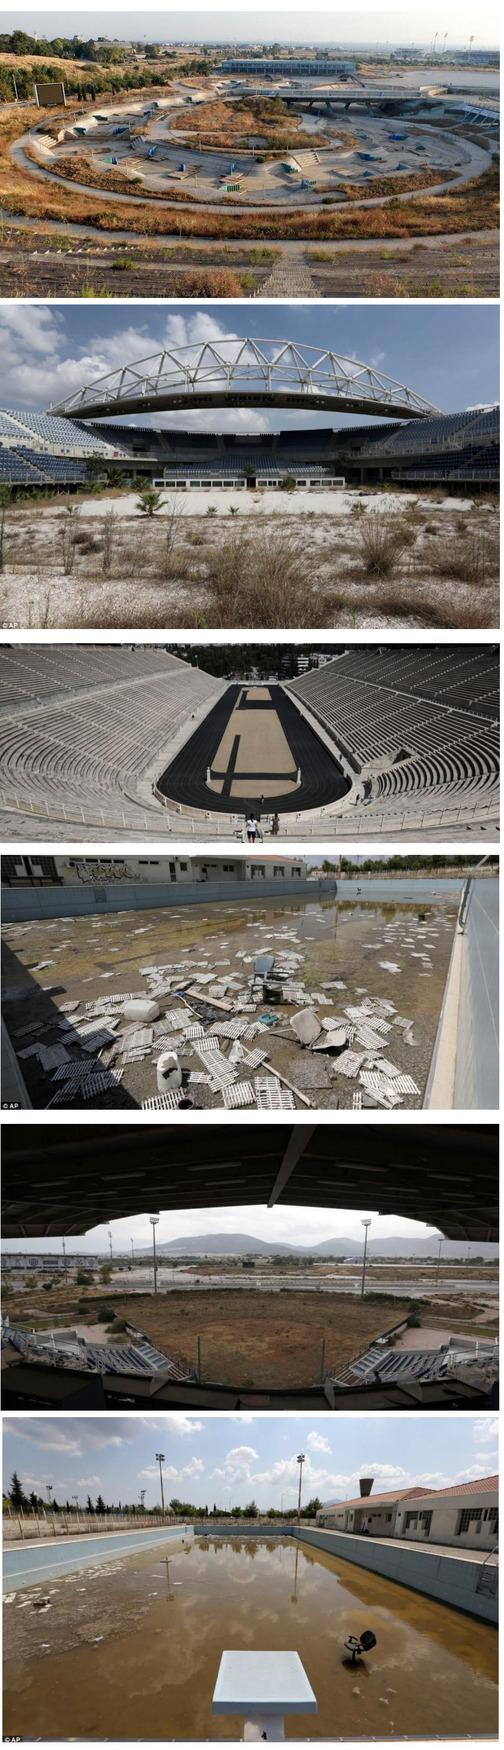 ギリシャアテネ競技場2.jpg